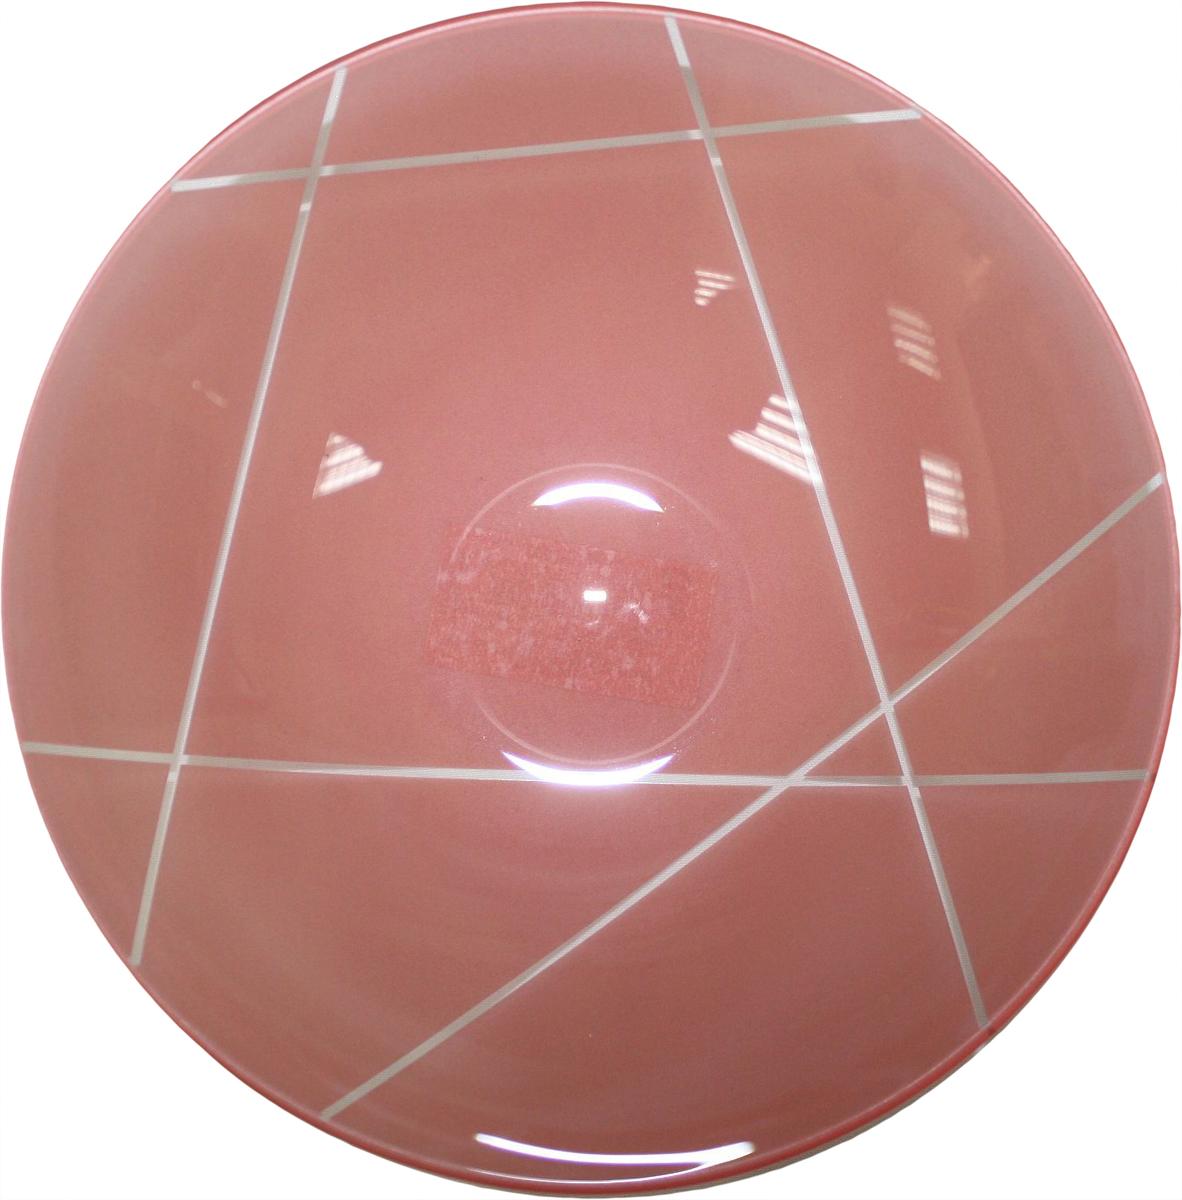 Тарелка глубокая NiNaGlass Контур, цвет: розовый, диаметр 22 см85-225-002пкТарелка NiNaGlass Конус выполнена из высококачественного стекла и оформлена красивым прозрачным геометрическим принтом. Тарелка идеальна для подачи вторых блюд, а также сервировки закусок, нарезок, салатов, овощей и фруктов. Она отлично подойдет как для повседневных, так и для торжественных случаев. Такая тарелка прекрасно впишется в интерьер вашей кухни и станет достойным дополнением к кухонному инвентарю.